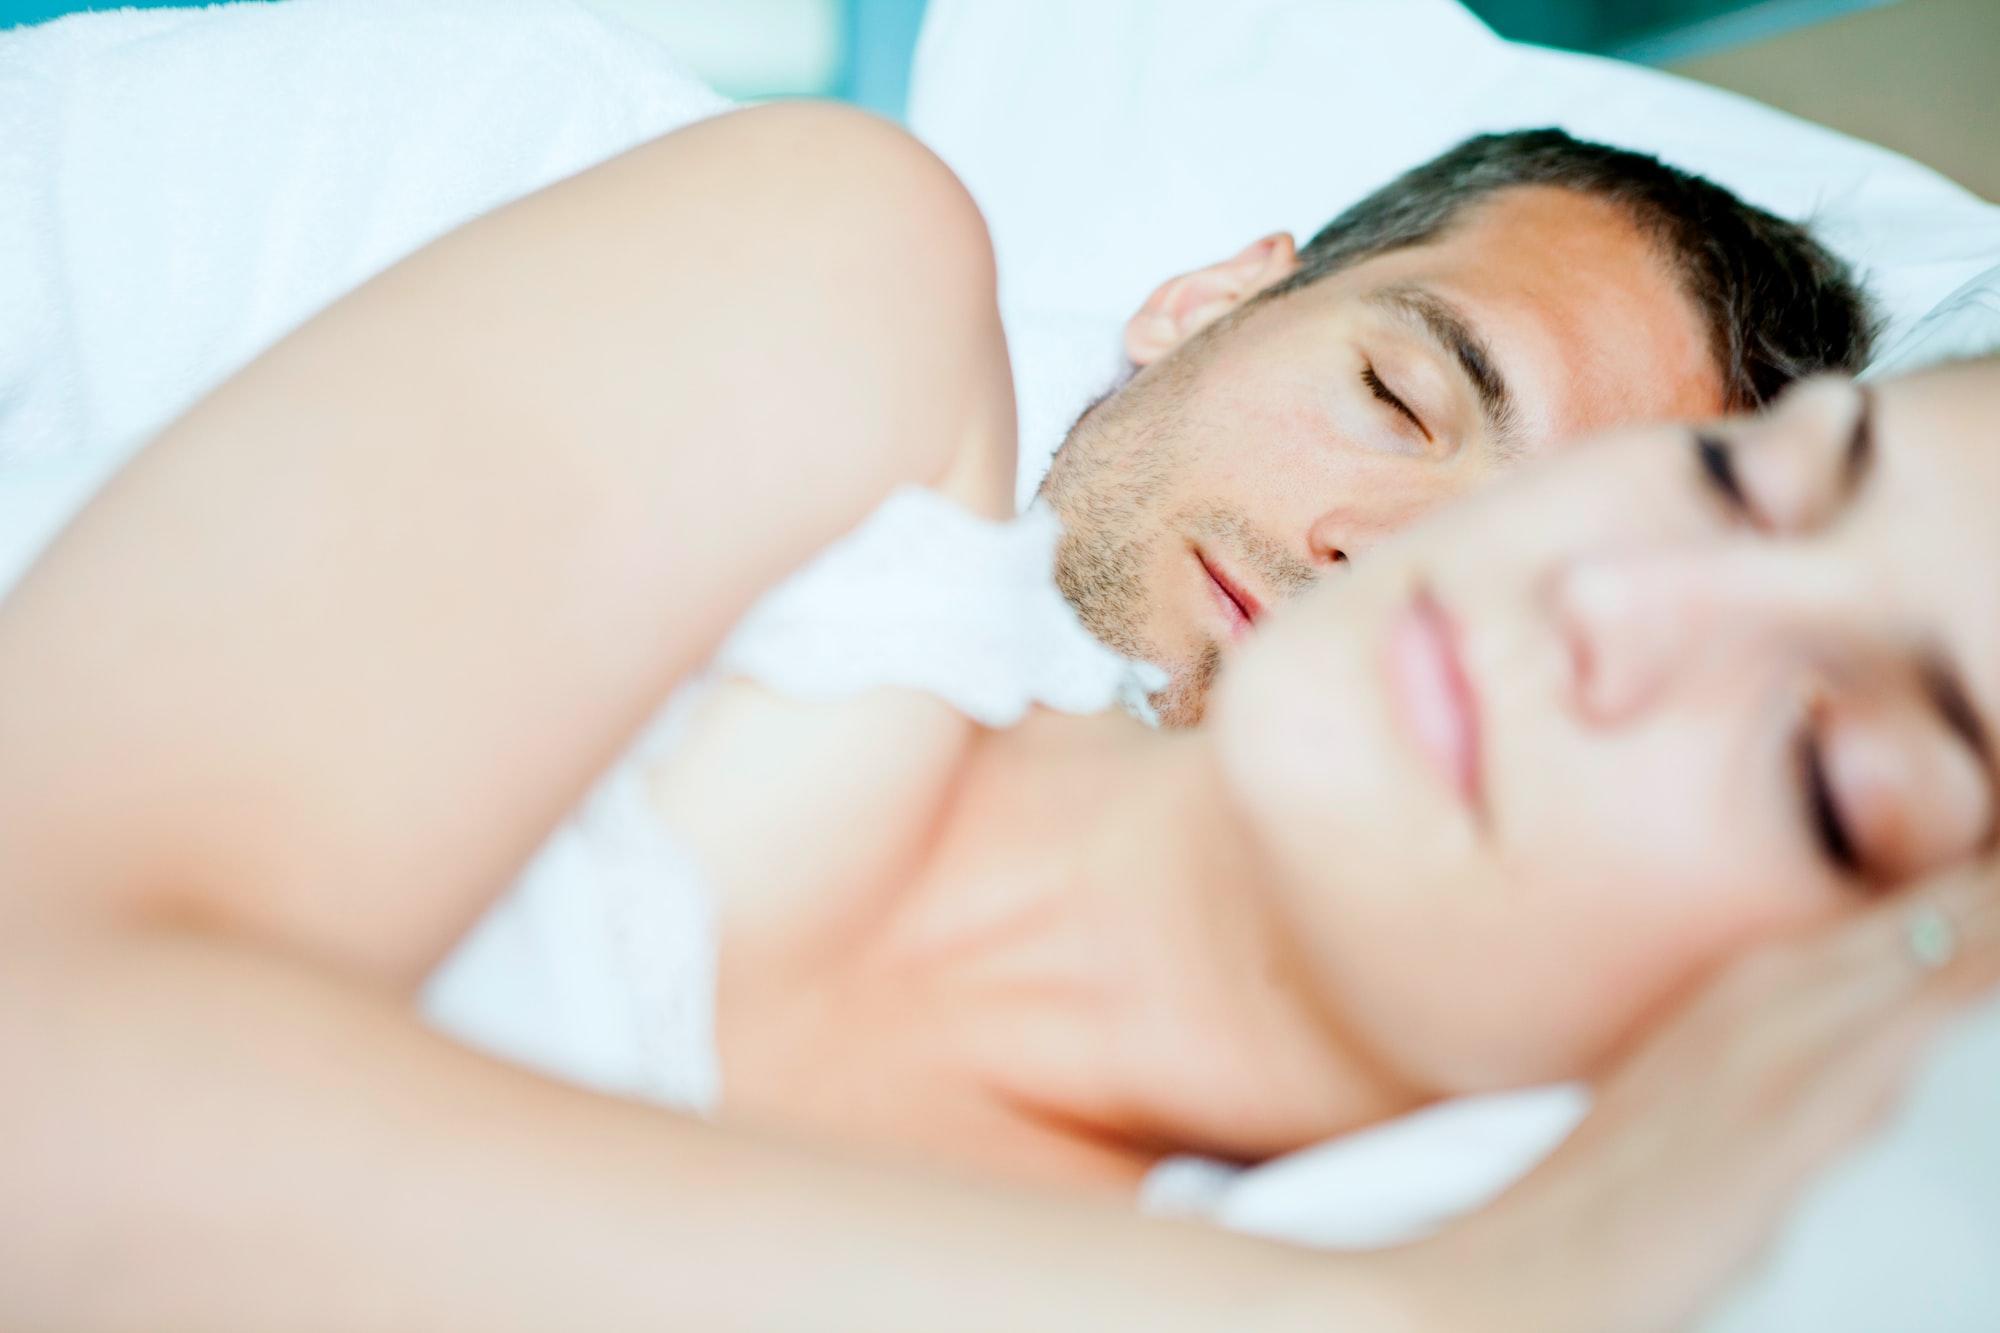 Sleeping together on white bedsheets, taking melatonin while breastfeeding